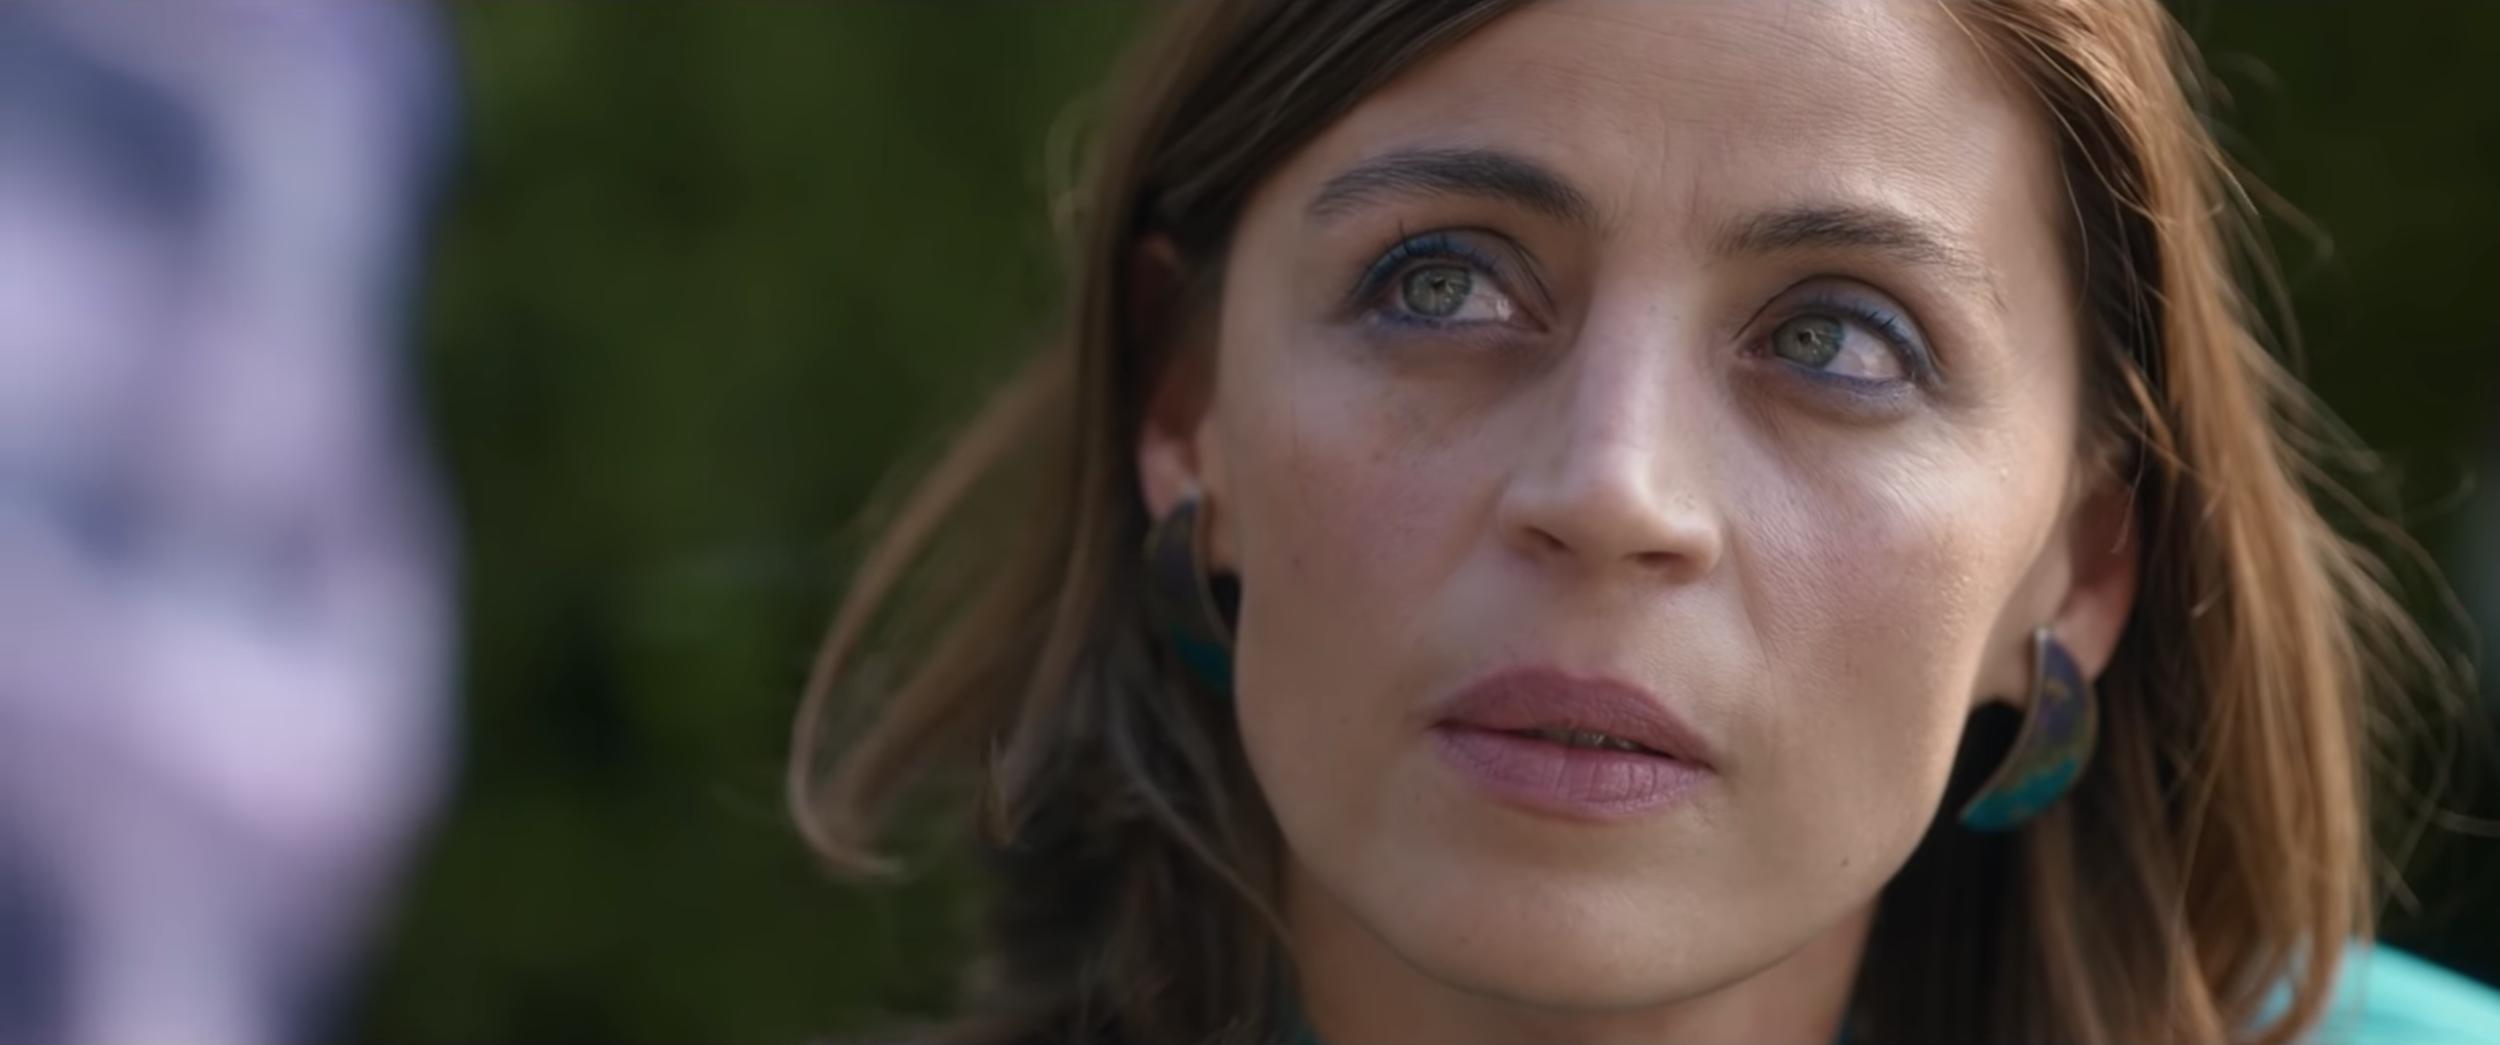 """""""Me gusta cuando alguien opina distinto a la mayoría y alza su voz, entonces, si contagio este tipo de espíritu me siento afortunada"""": Ilse Salas, ganadora del Ariel 2019 como mejor actriz."""